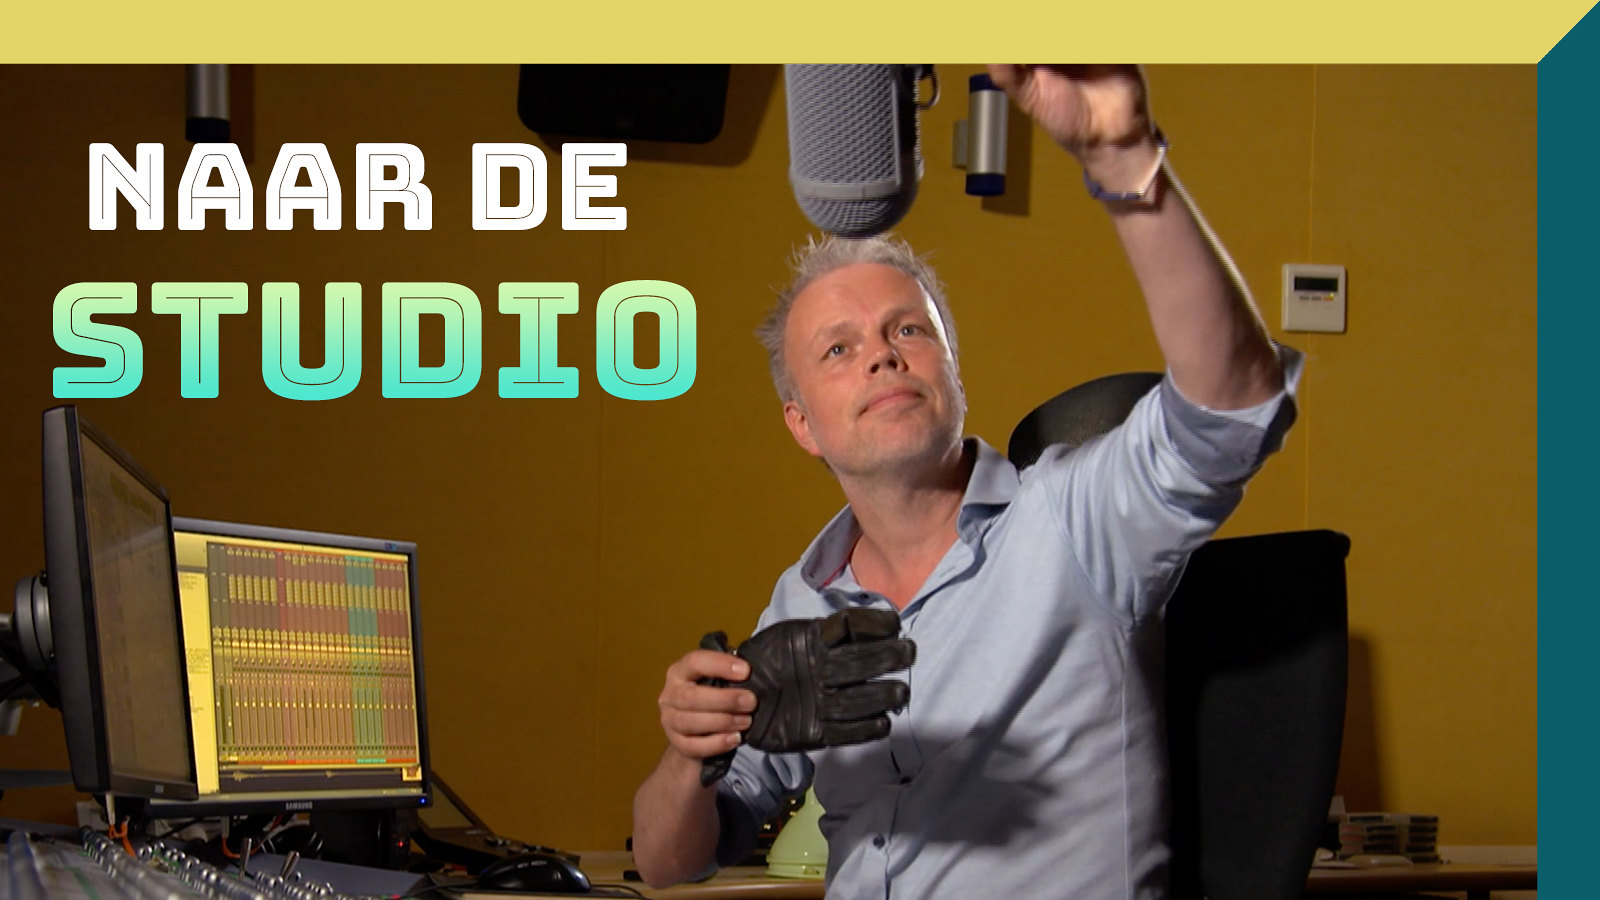 DHZ - Foley naar de studio